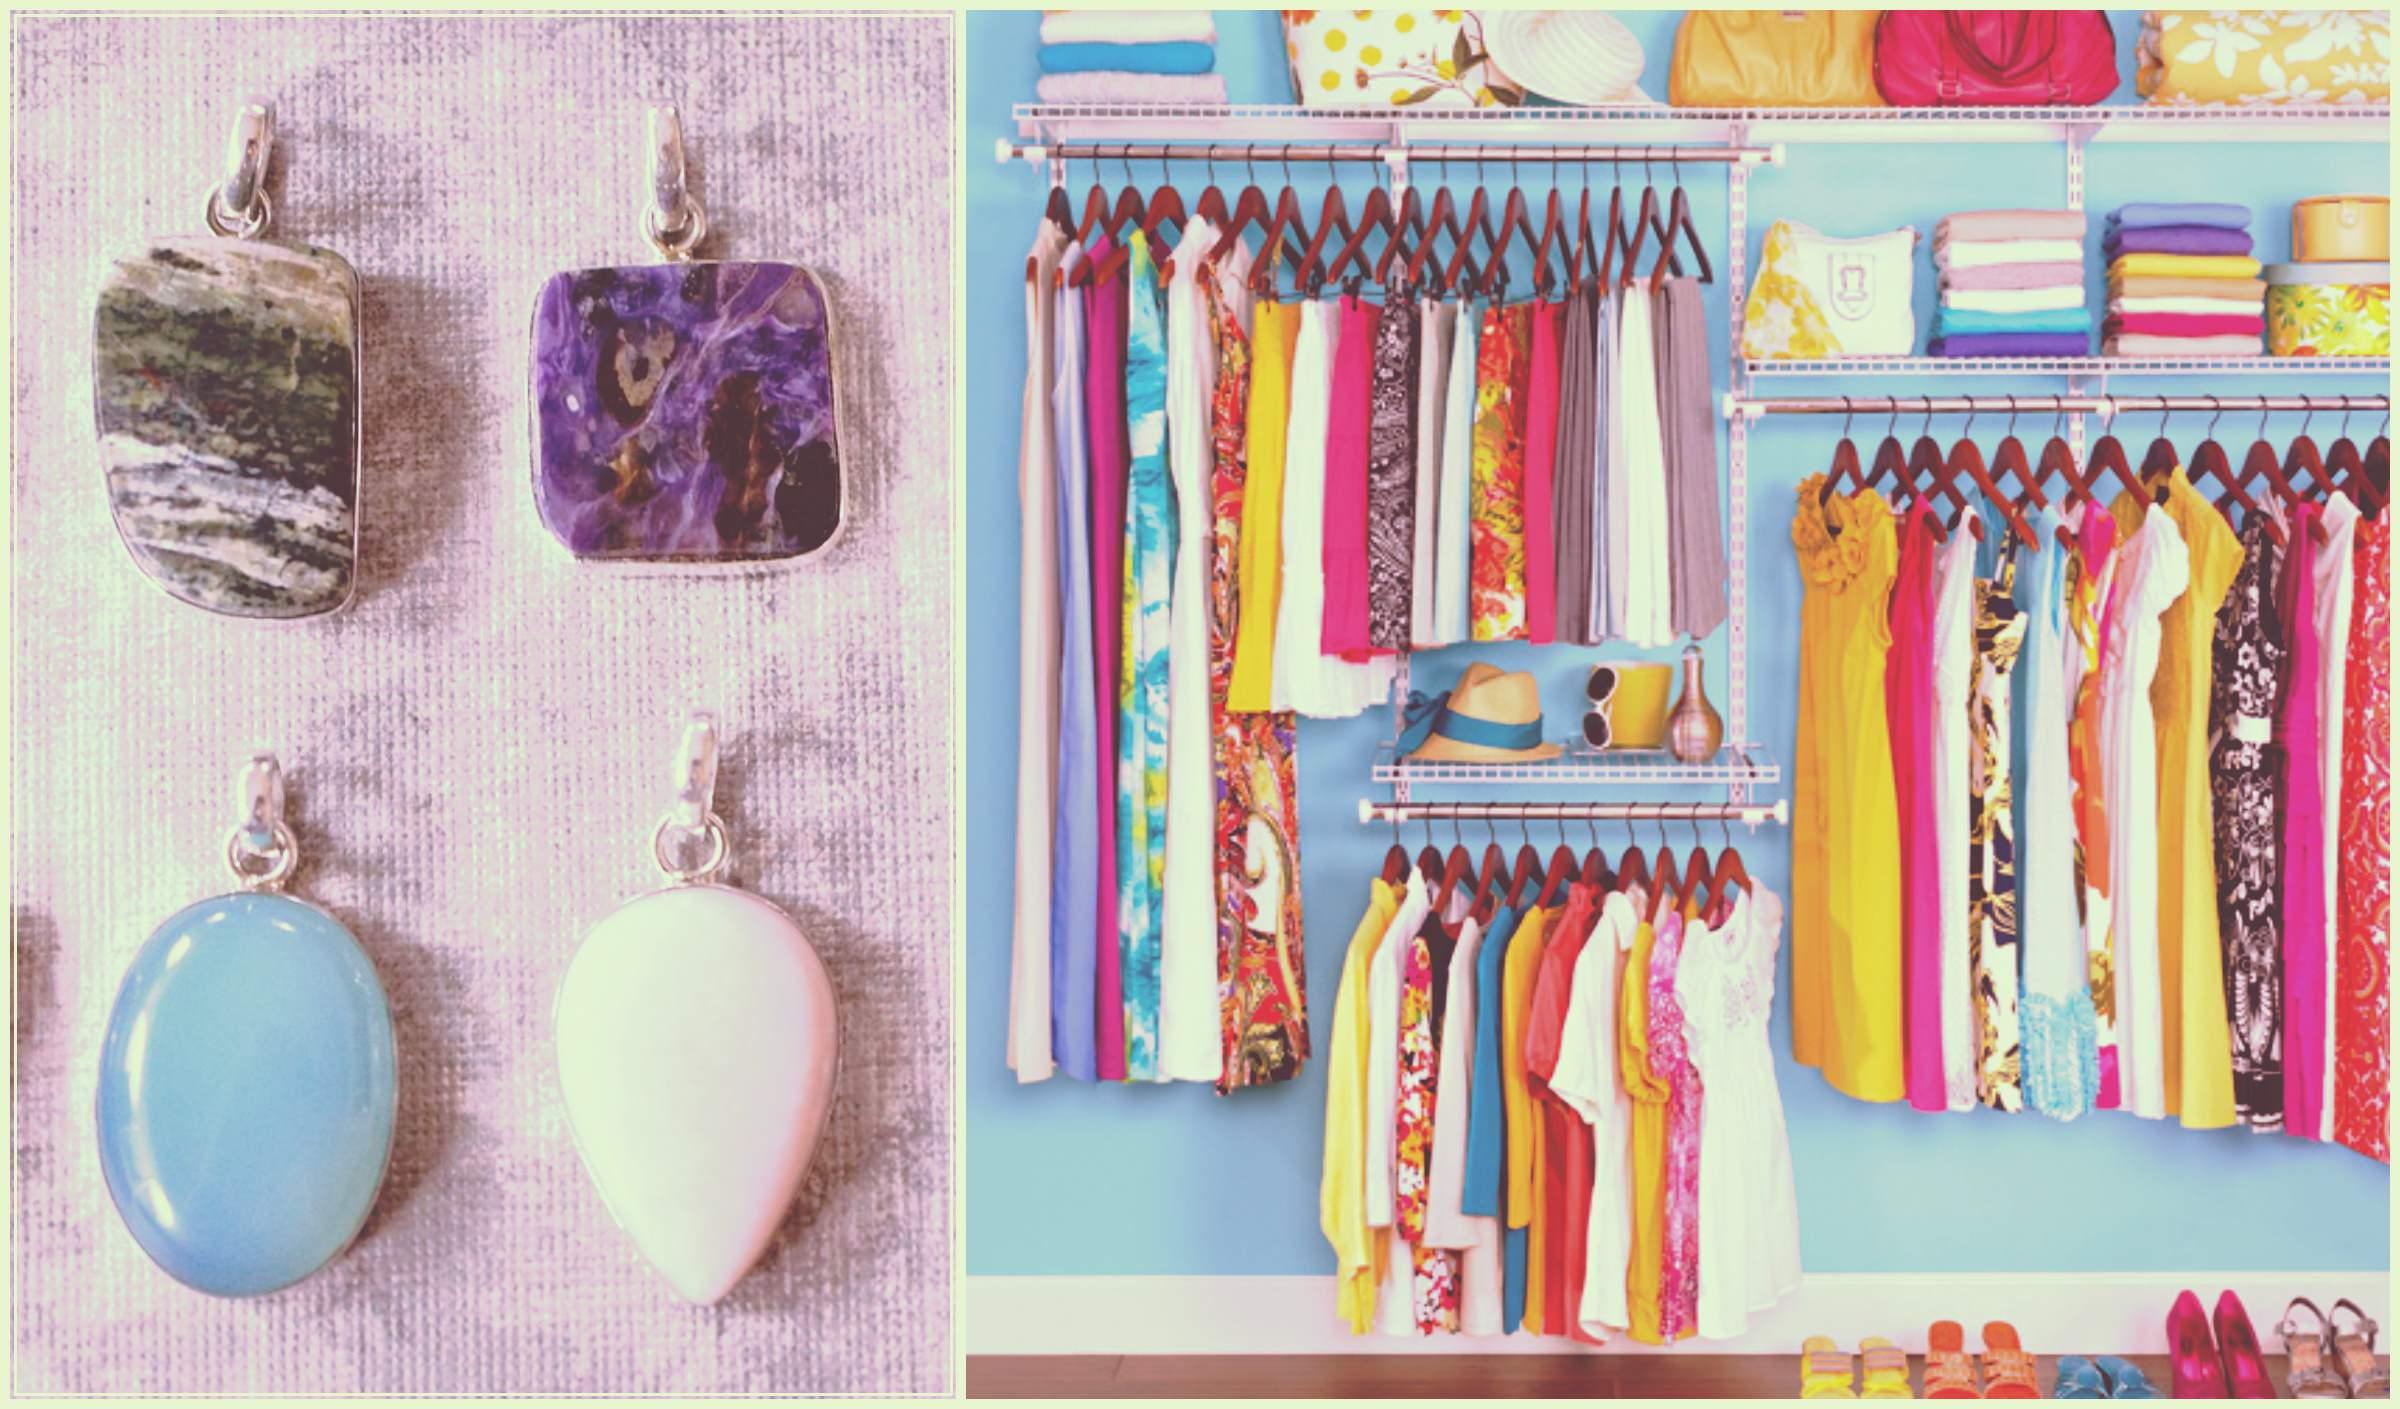 Аксессуары, одежда: систематизировать гардероб